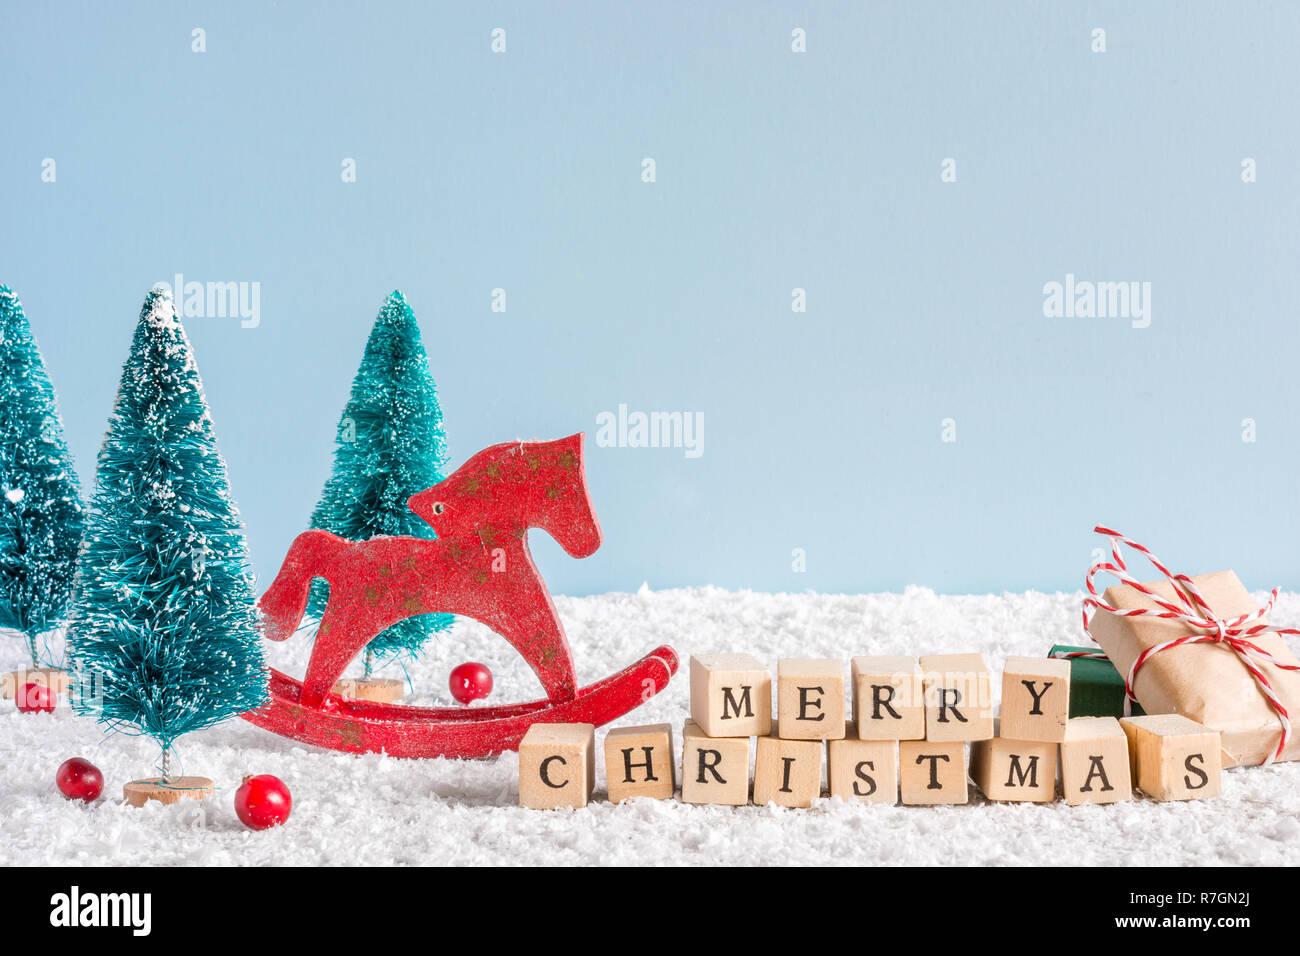 Frohe Weihnachten Pferd.Frohe Weihnachten Inschrift Mit Retro Spielzeug Pferd Und Tannen